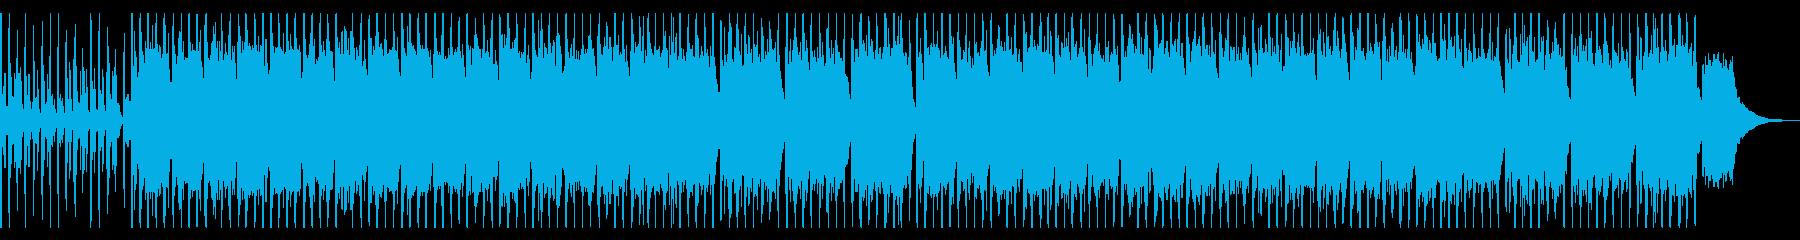 応援歌っぽいクワイアと手拍子の再生済みの波形